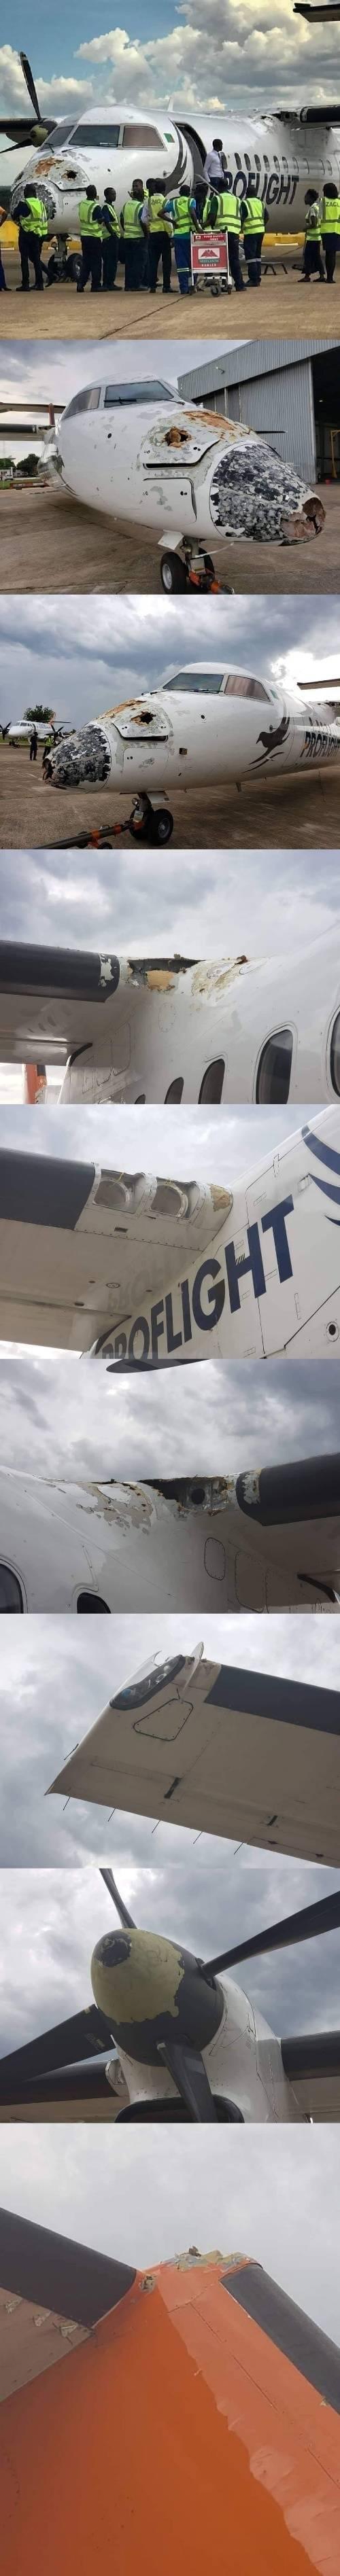 비행중 우박에 맞은 잠비아 여객기 | 인스티즈